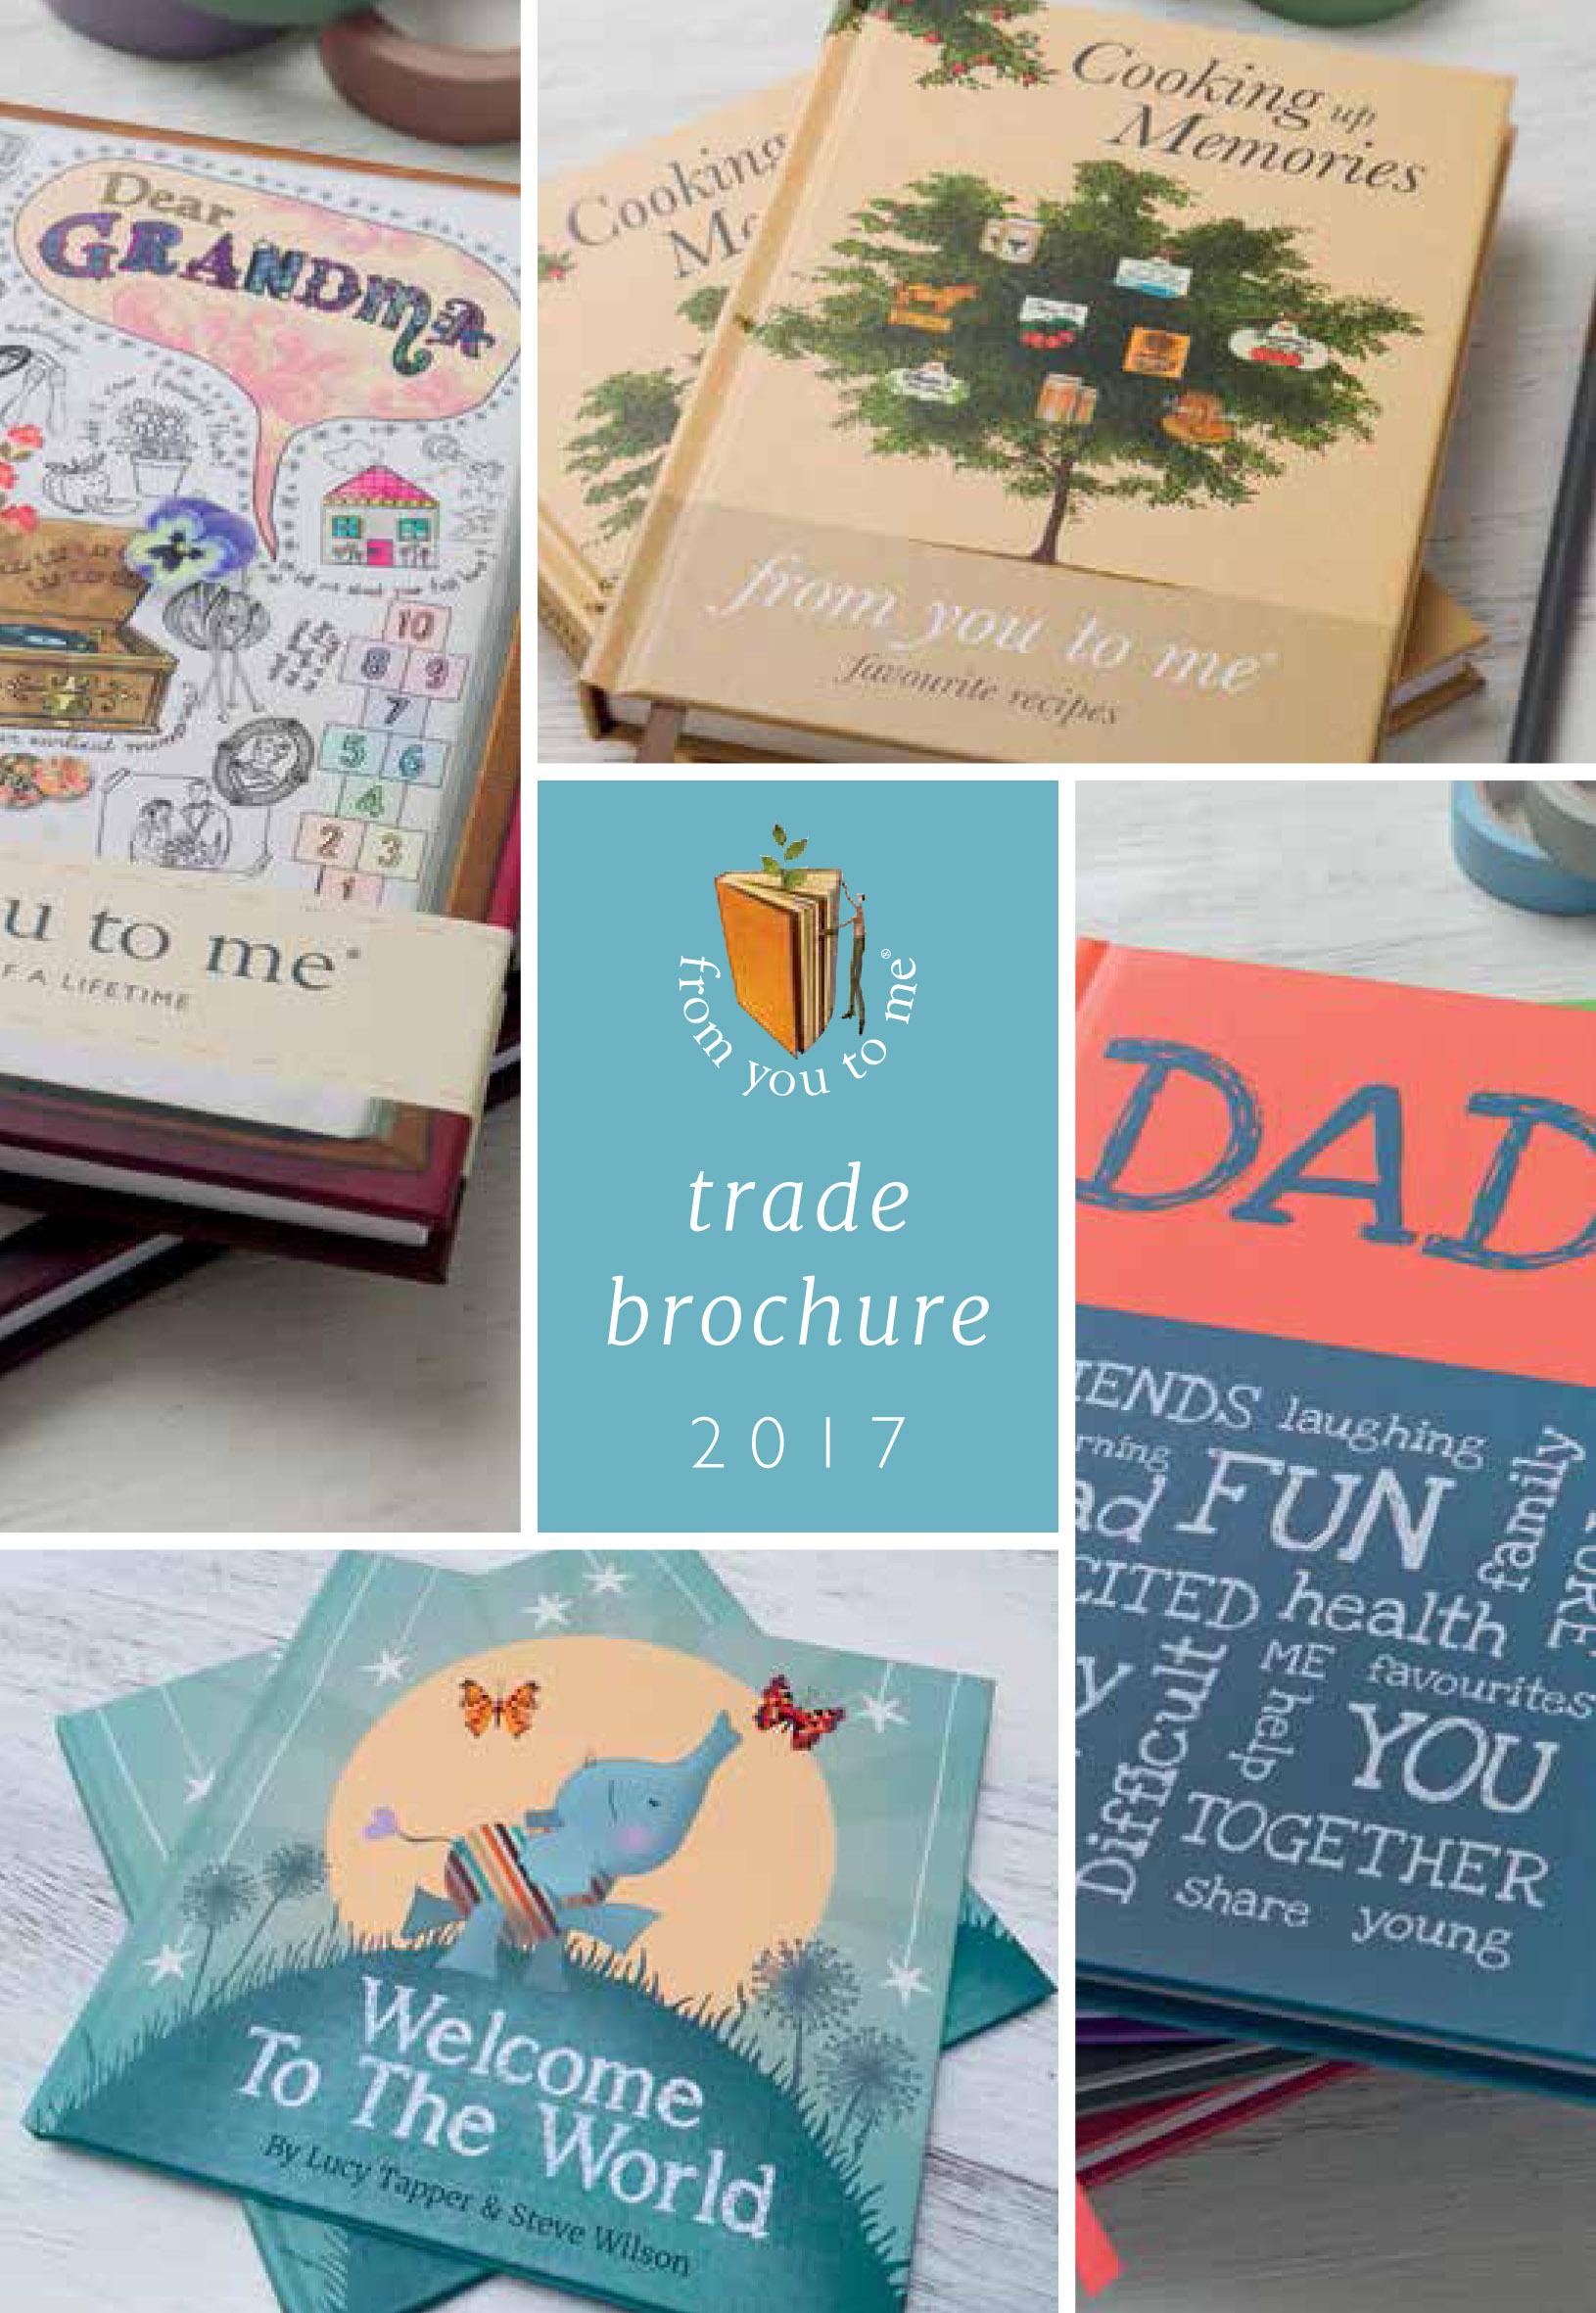 Trade Brochure 2017